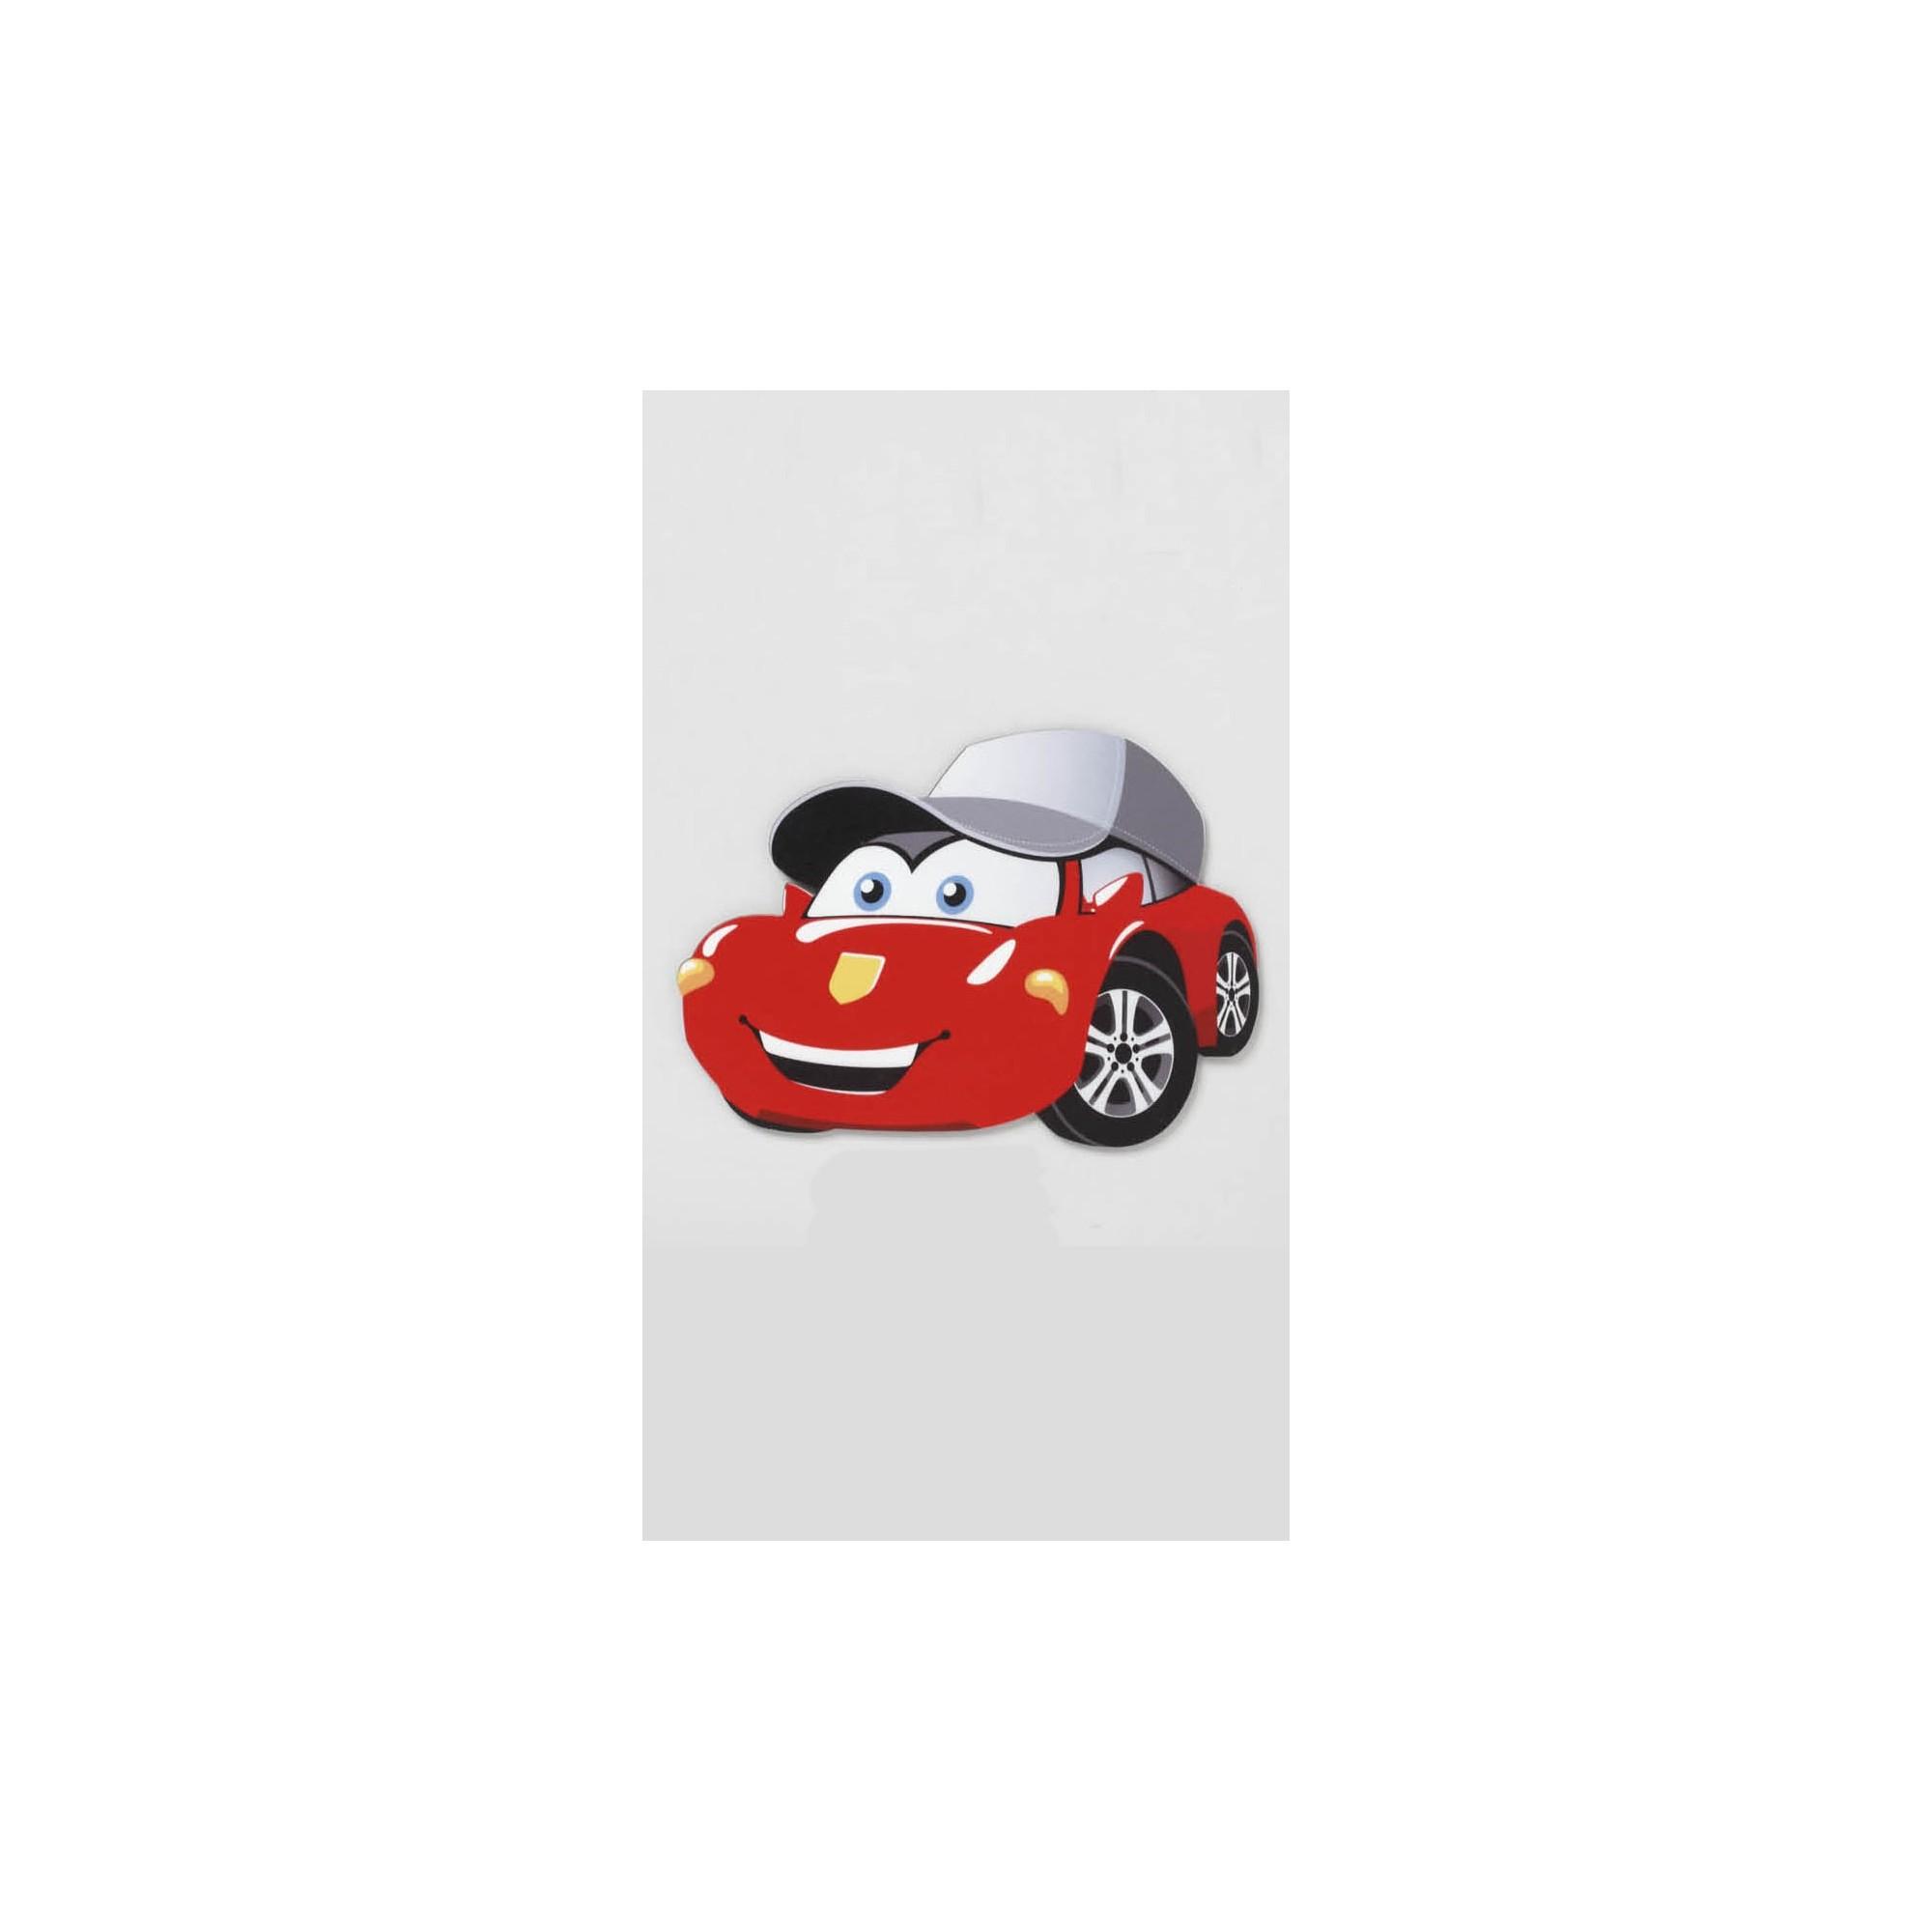 """Ξύλινο Σπορ Αυτοκινητάκι """"McQueen"""" - Z-37-397"""